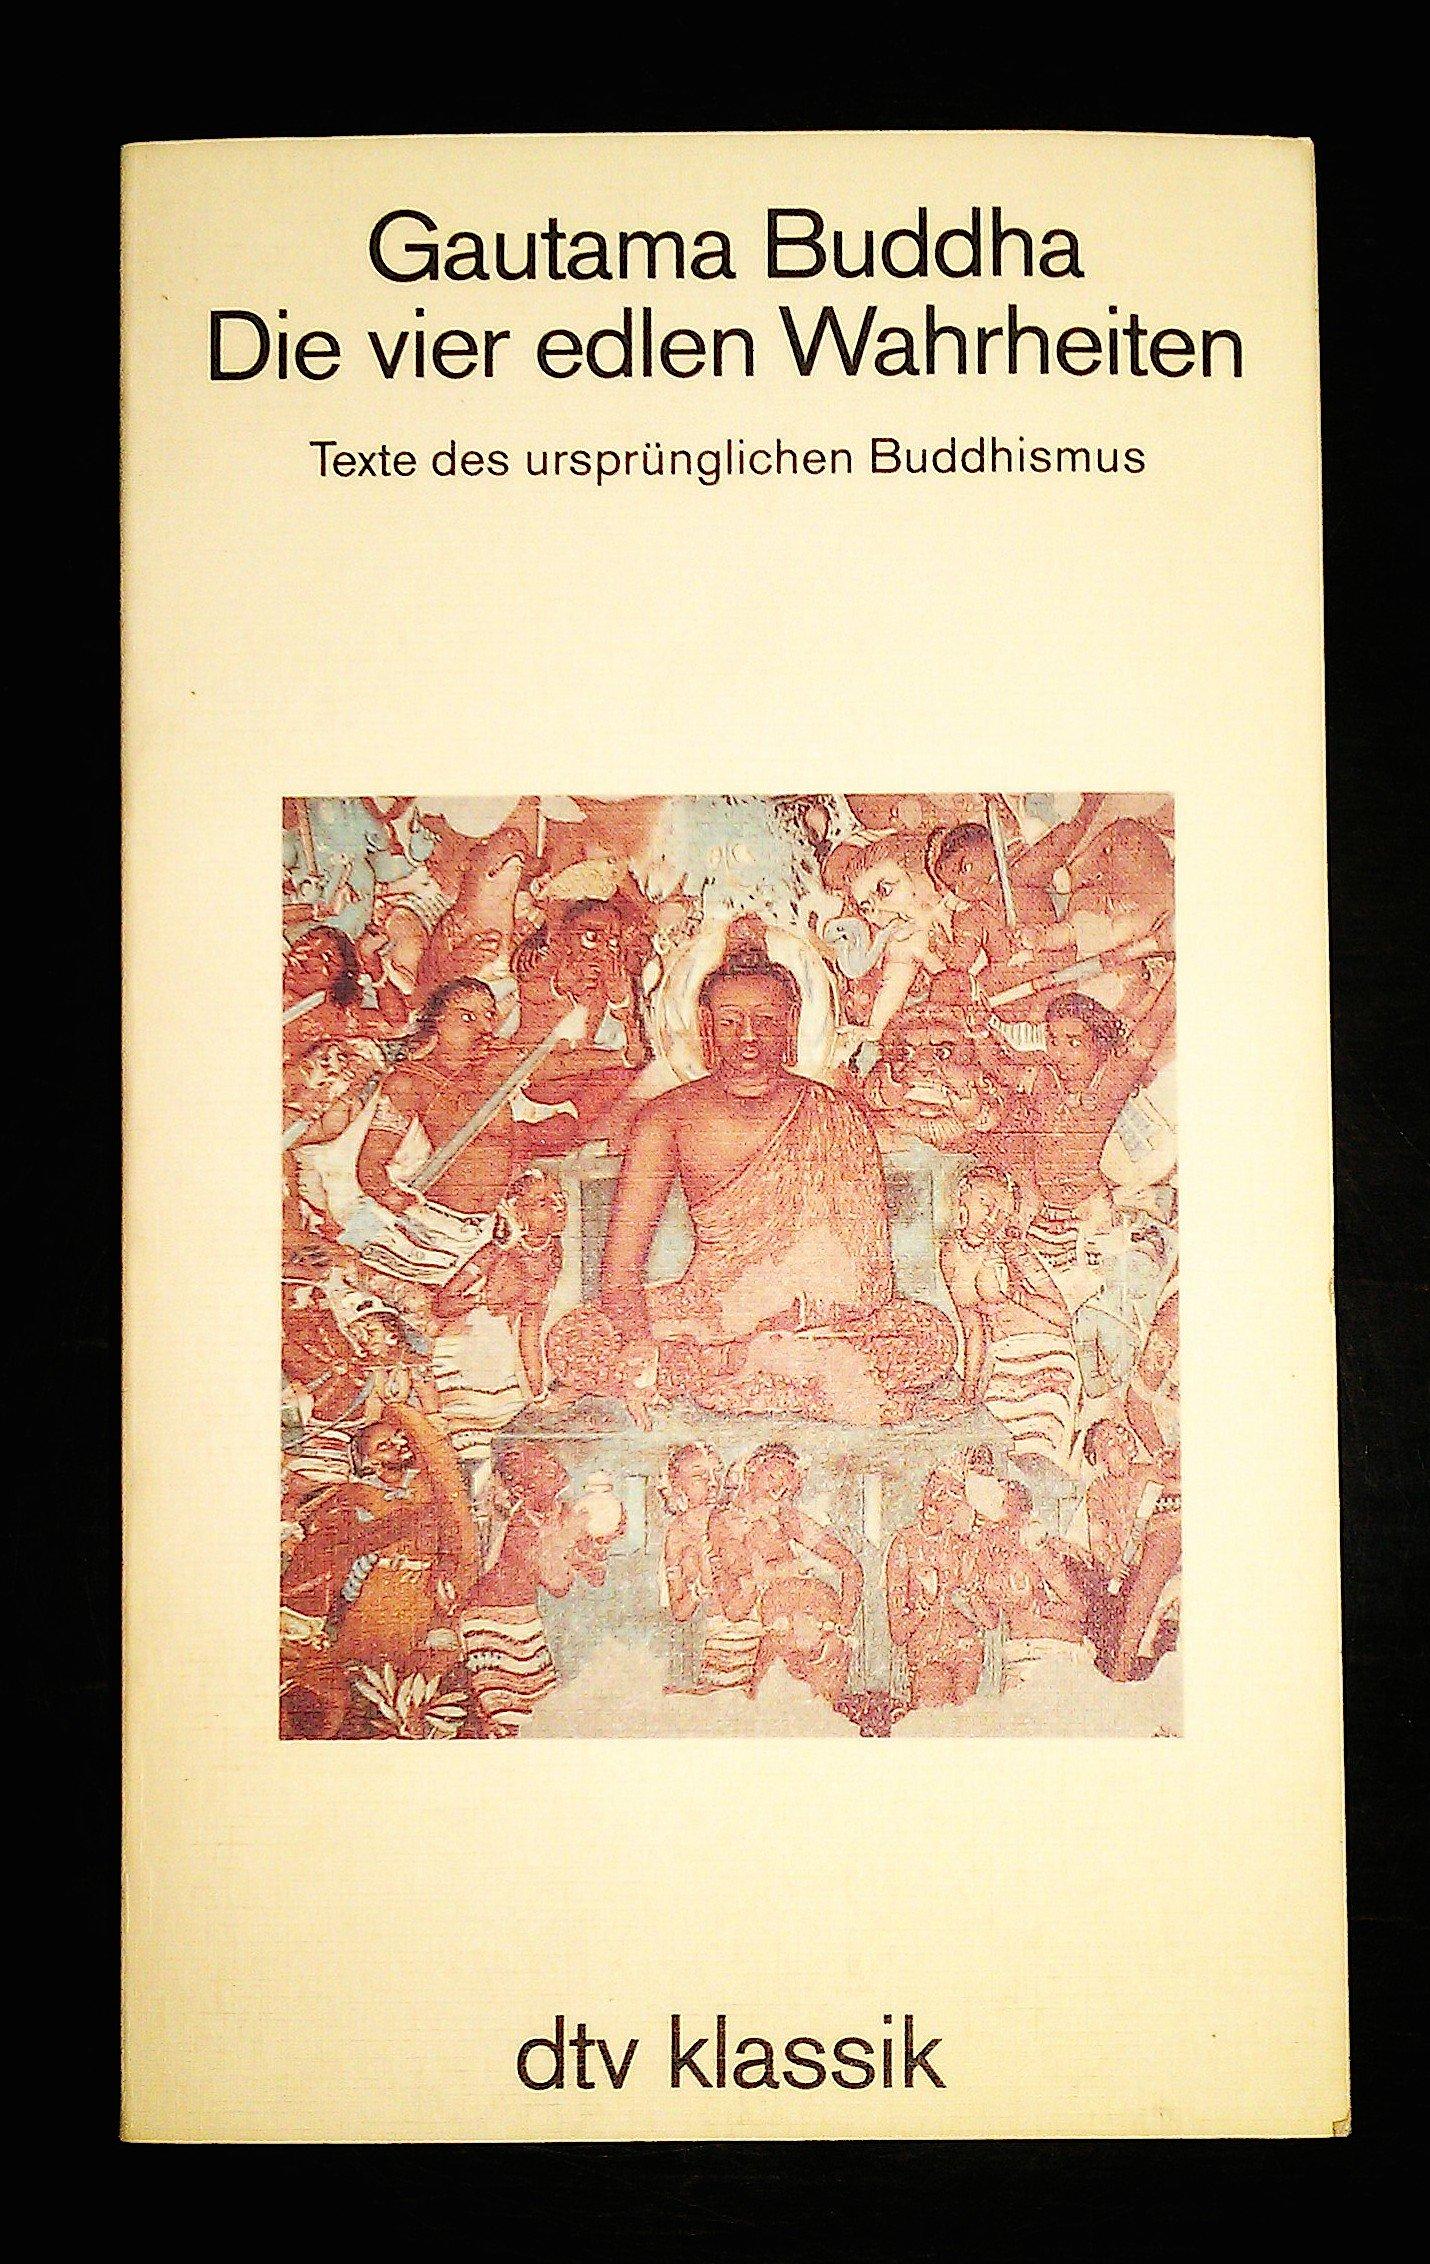 Die vier edlen Wahrheiten. Texte des ursprünglichen Buddhismus. Taschenbuch – November 1997 Gautama Buddha Dtv 3423021667 Religion